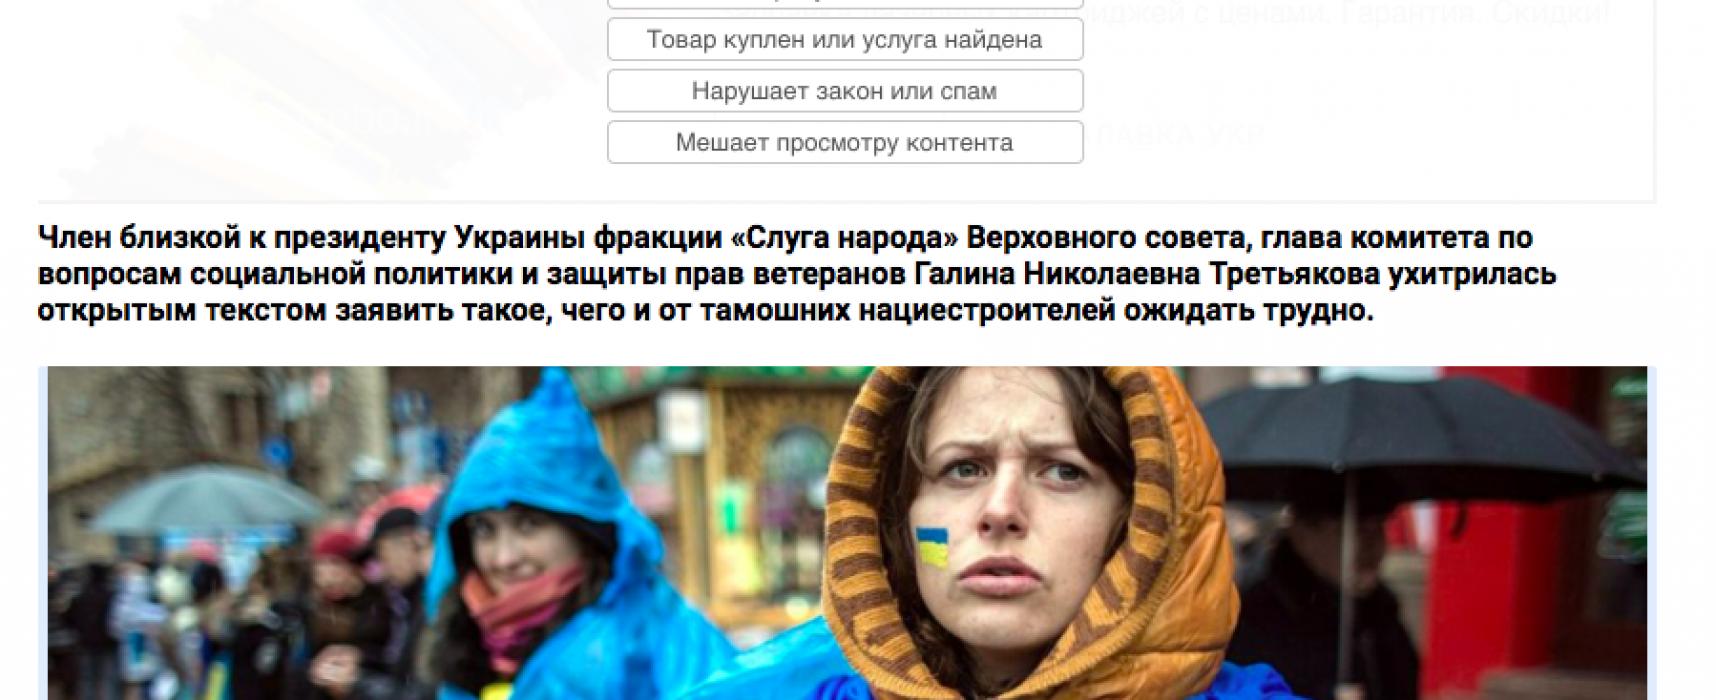 Фейк: В Україні закликають стерилізувати безробітних людей